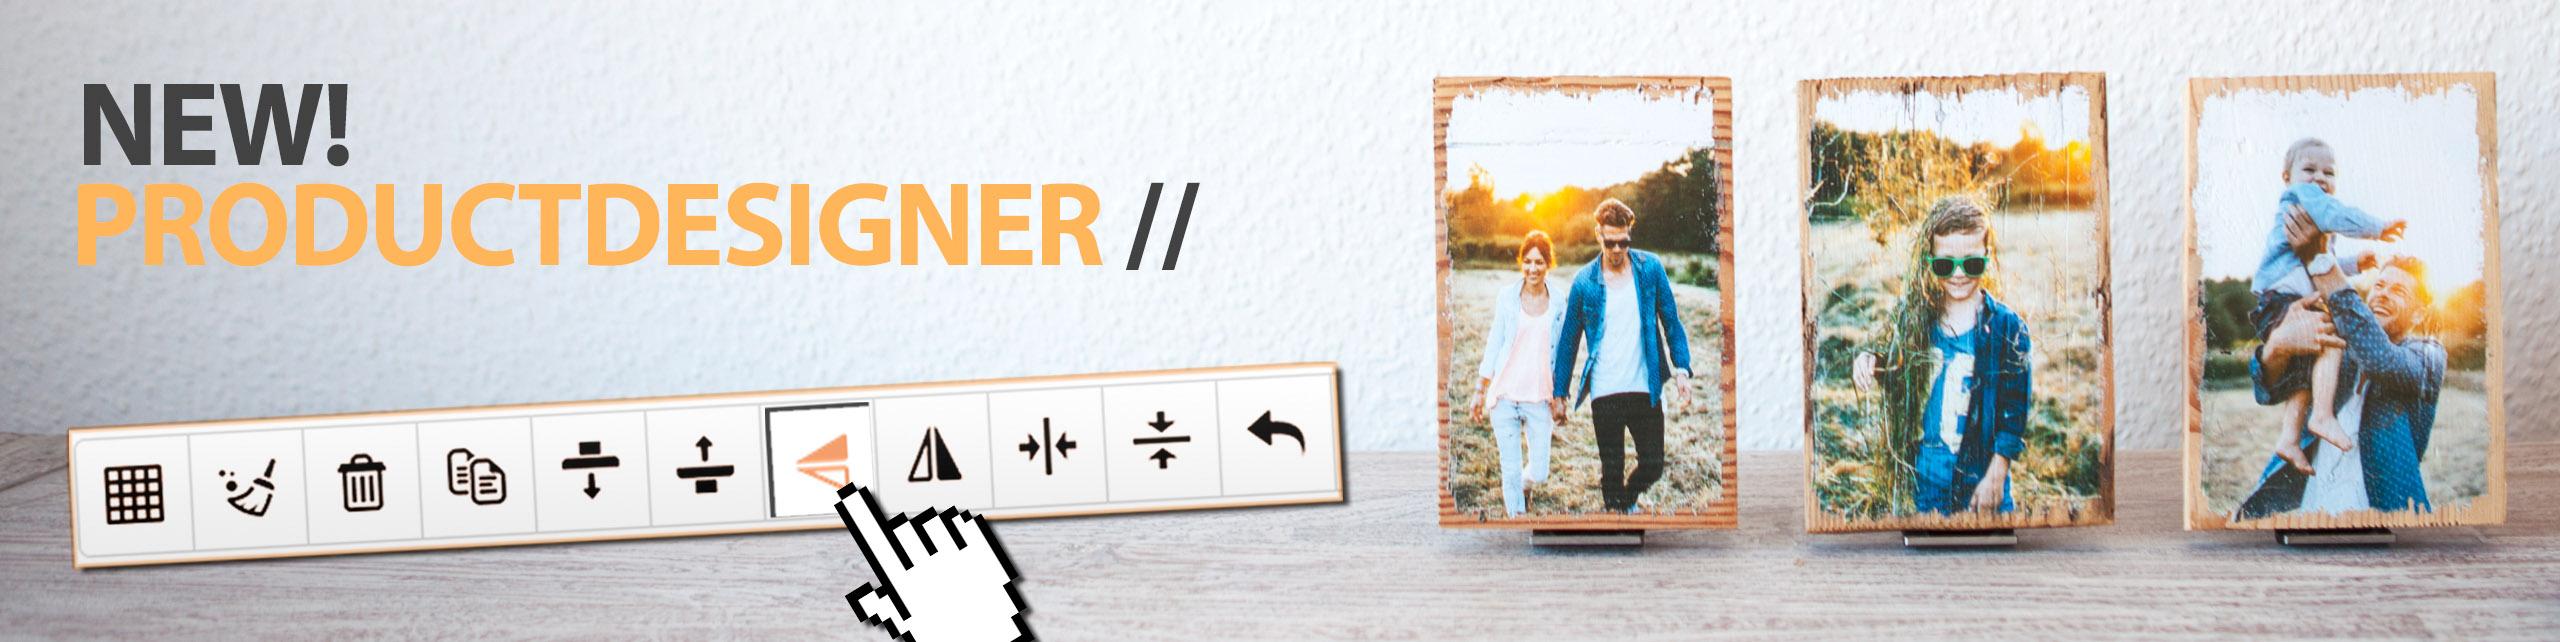 Produktdesigner Slider_2560-642_EN